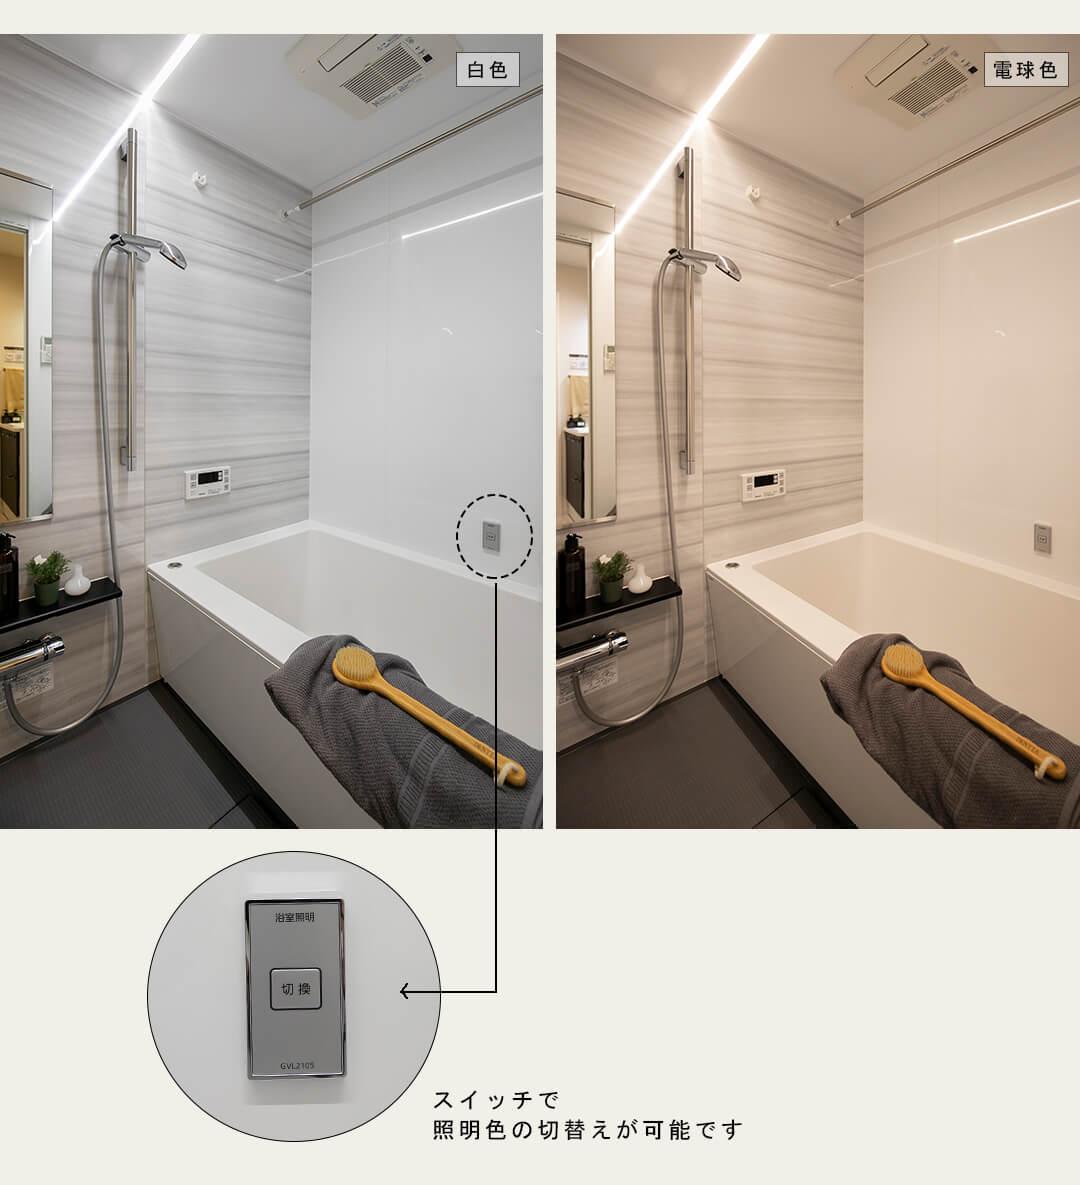 四谷軒第5経堂シティコーポの浴室